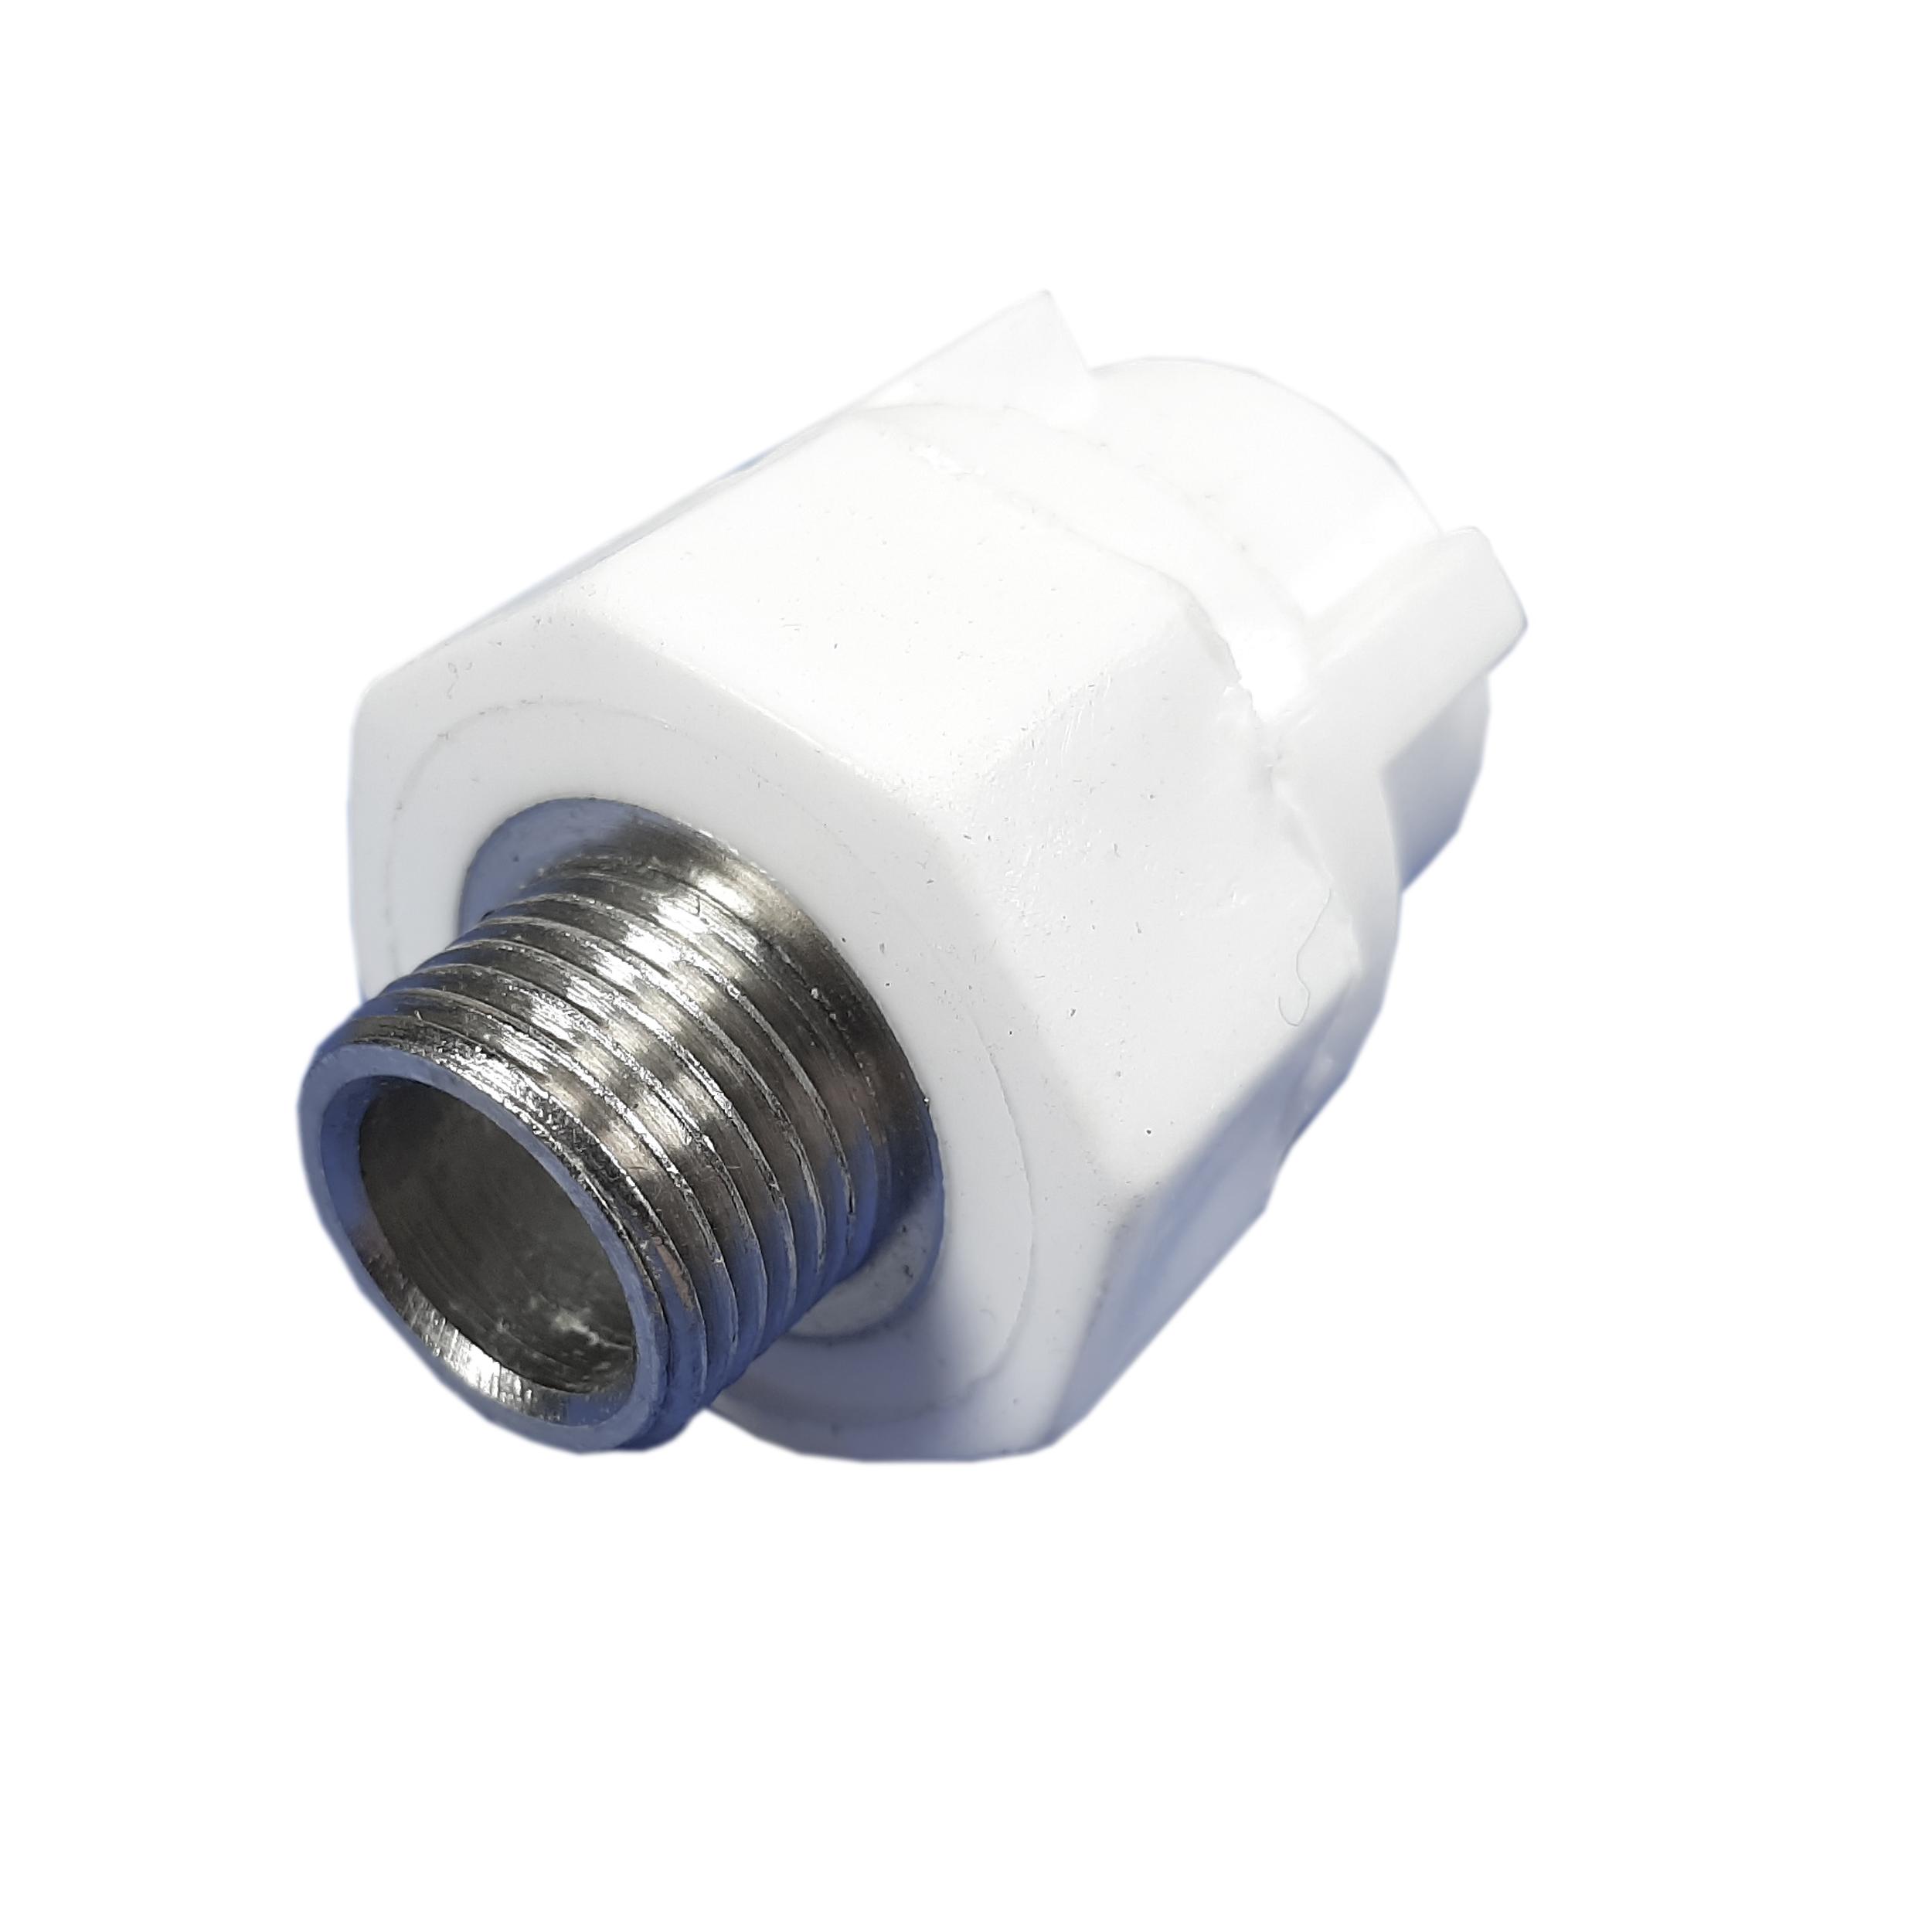 اتصال بوشن مدل PP-R-S-20-1.2              ( قیمت عمده )